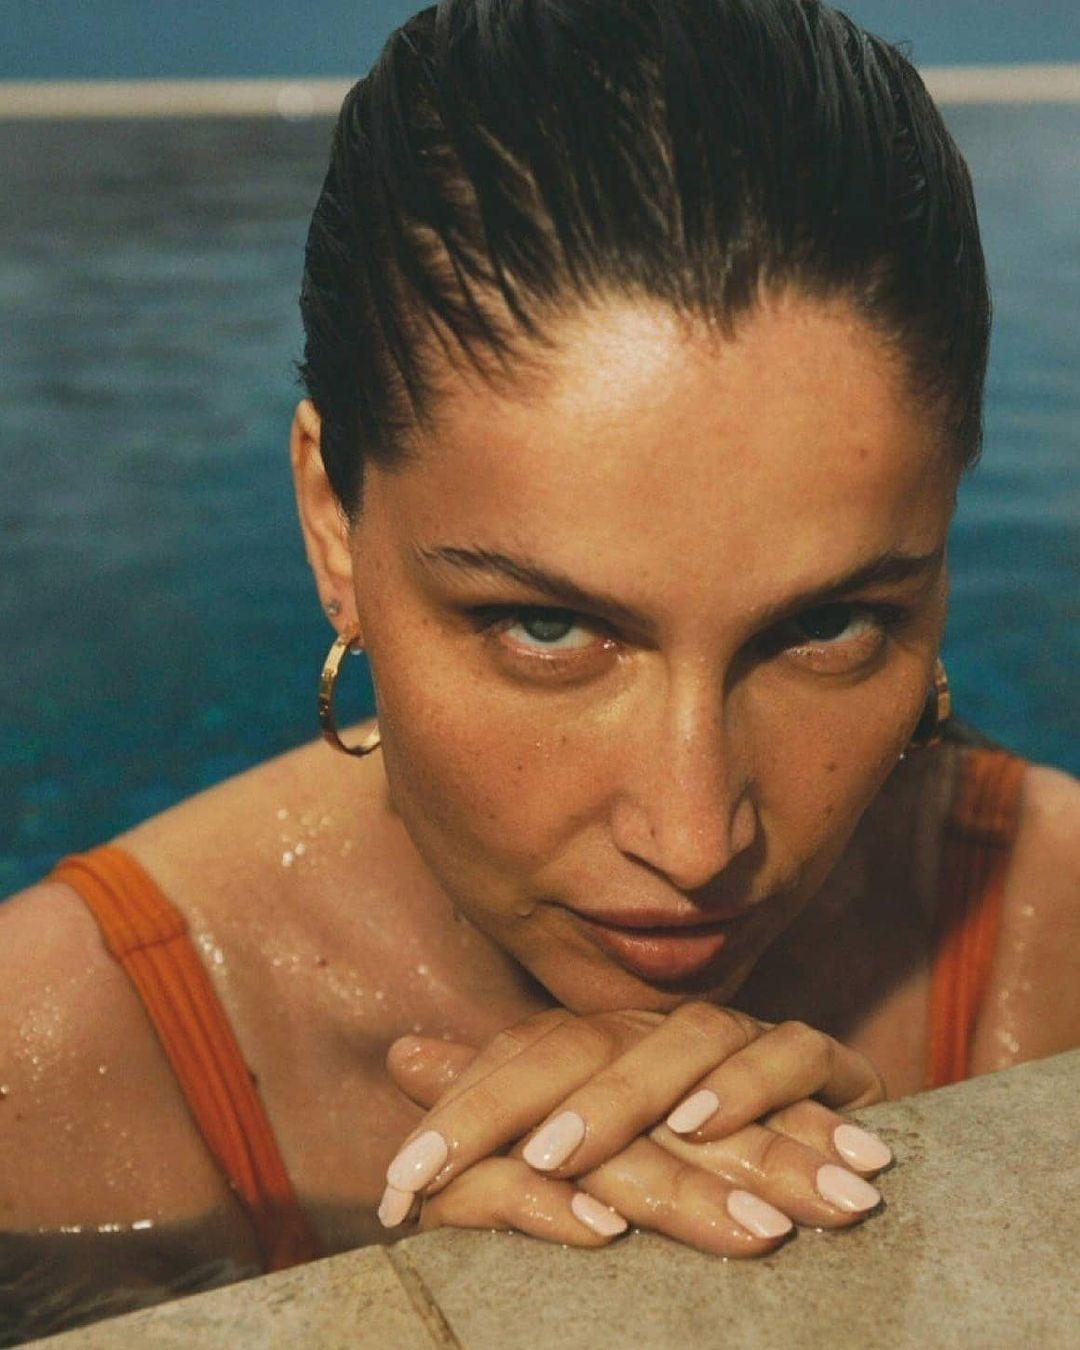 Натуральная красота: Летиция Каста снялась в соблазнительной фотосессии для французского глянца (ФОТО) - фото №5